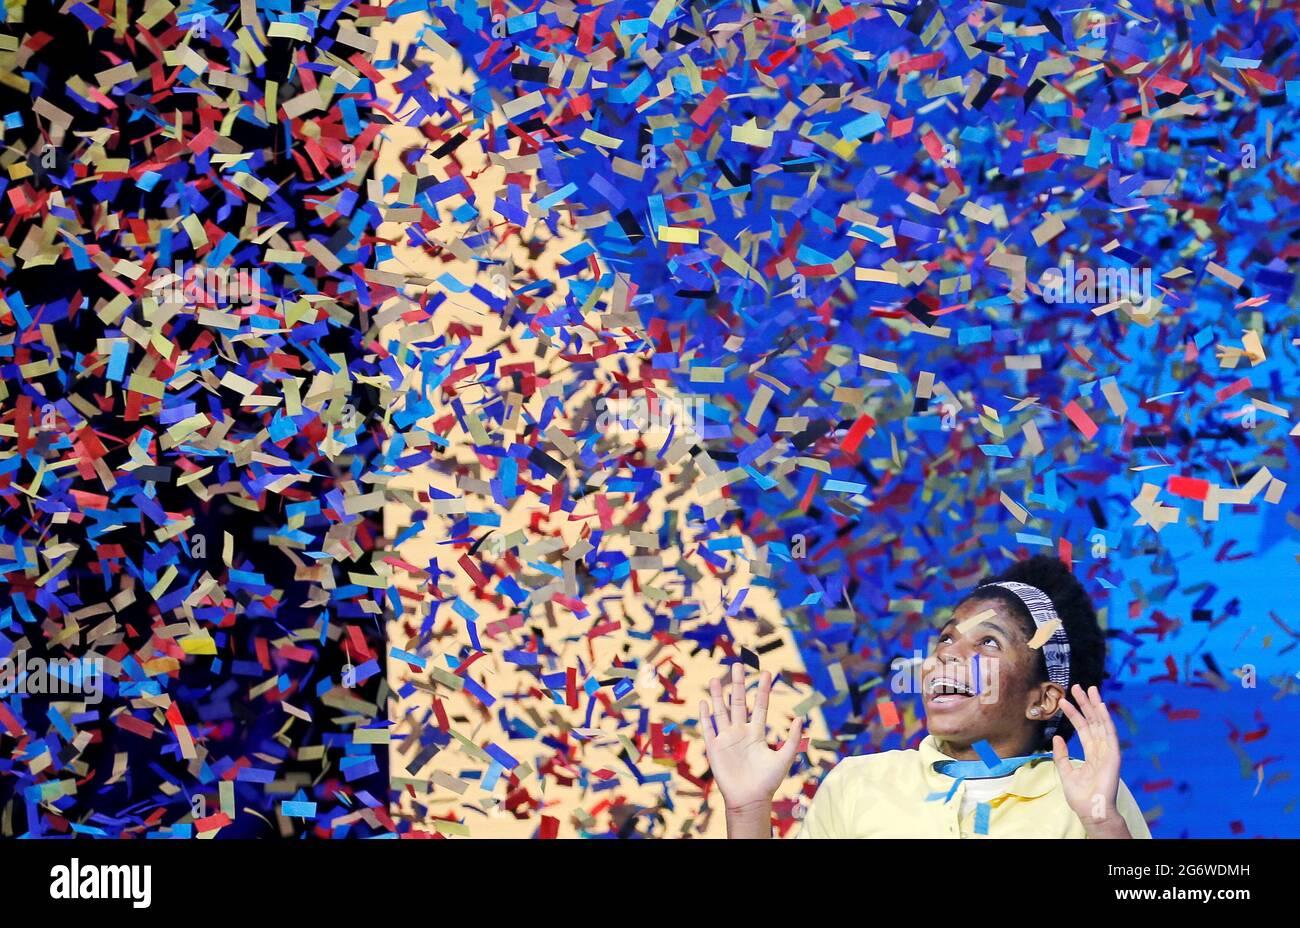 Zaila Avantgarde, 14, aus New Orleans, Louisiana, gewinnt die Scripps National Spelling Bee Finals 2021 im ESPN Wide World of Sports Complex im Walt Disney World Resort in Lake Buena Vista, Florida, USA, 8. Juli 2021. REUTERS/Joe Skipper Stockfoto